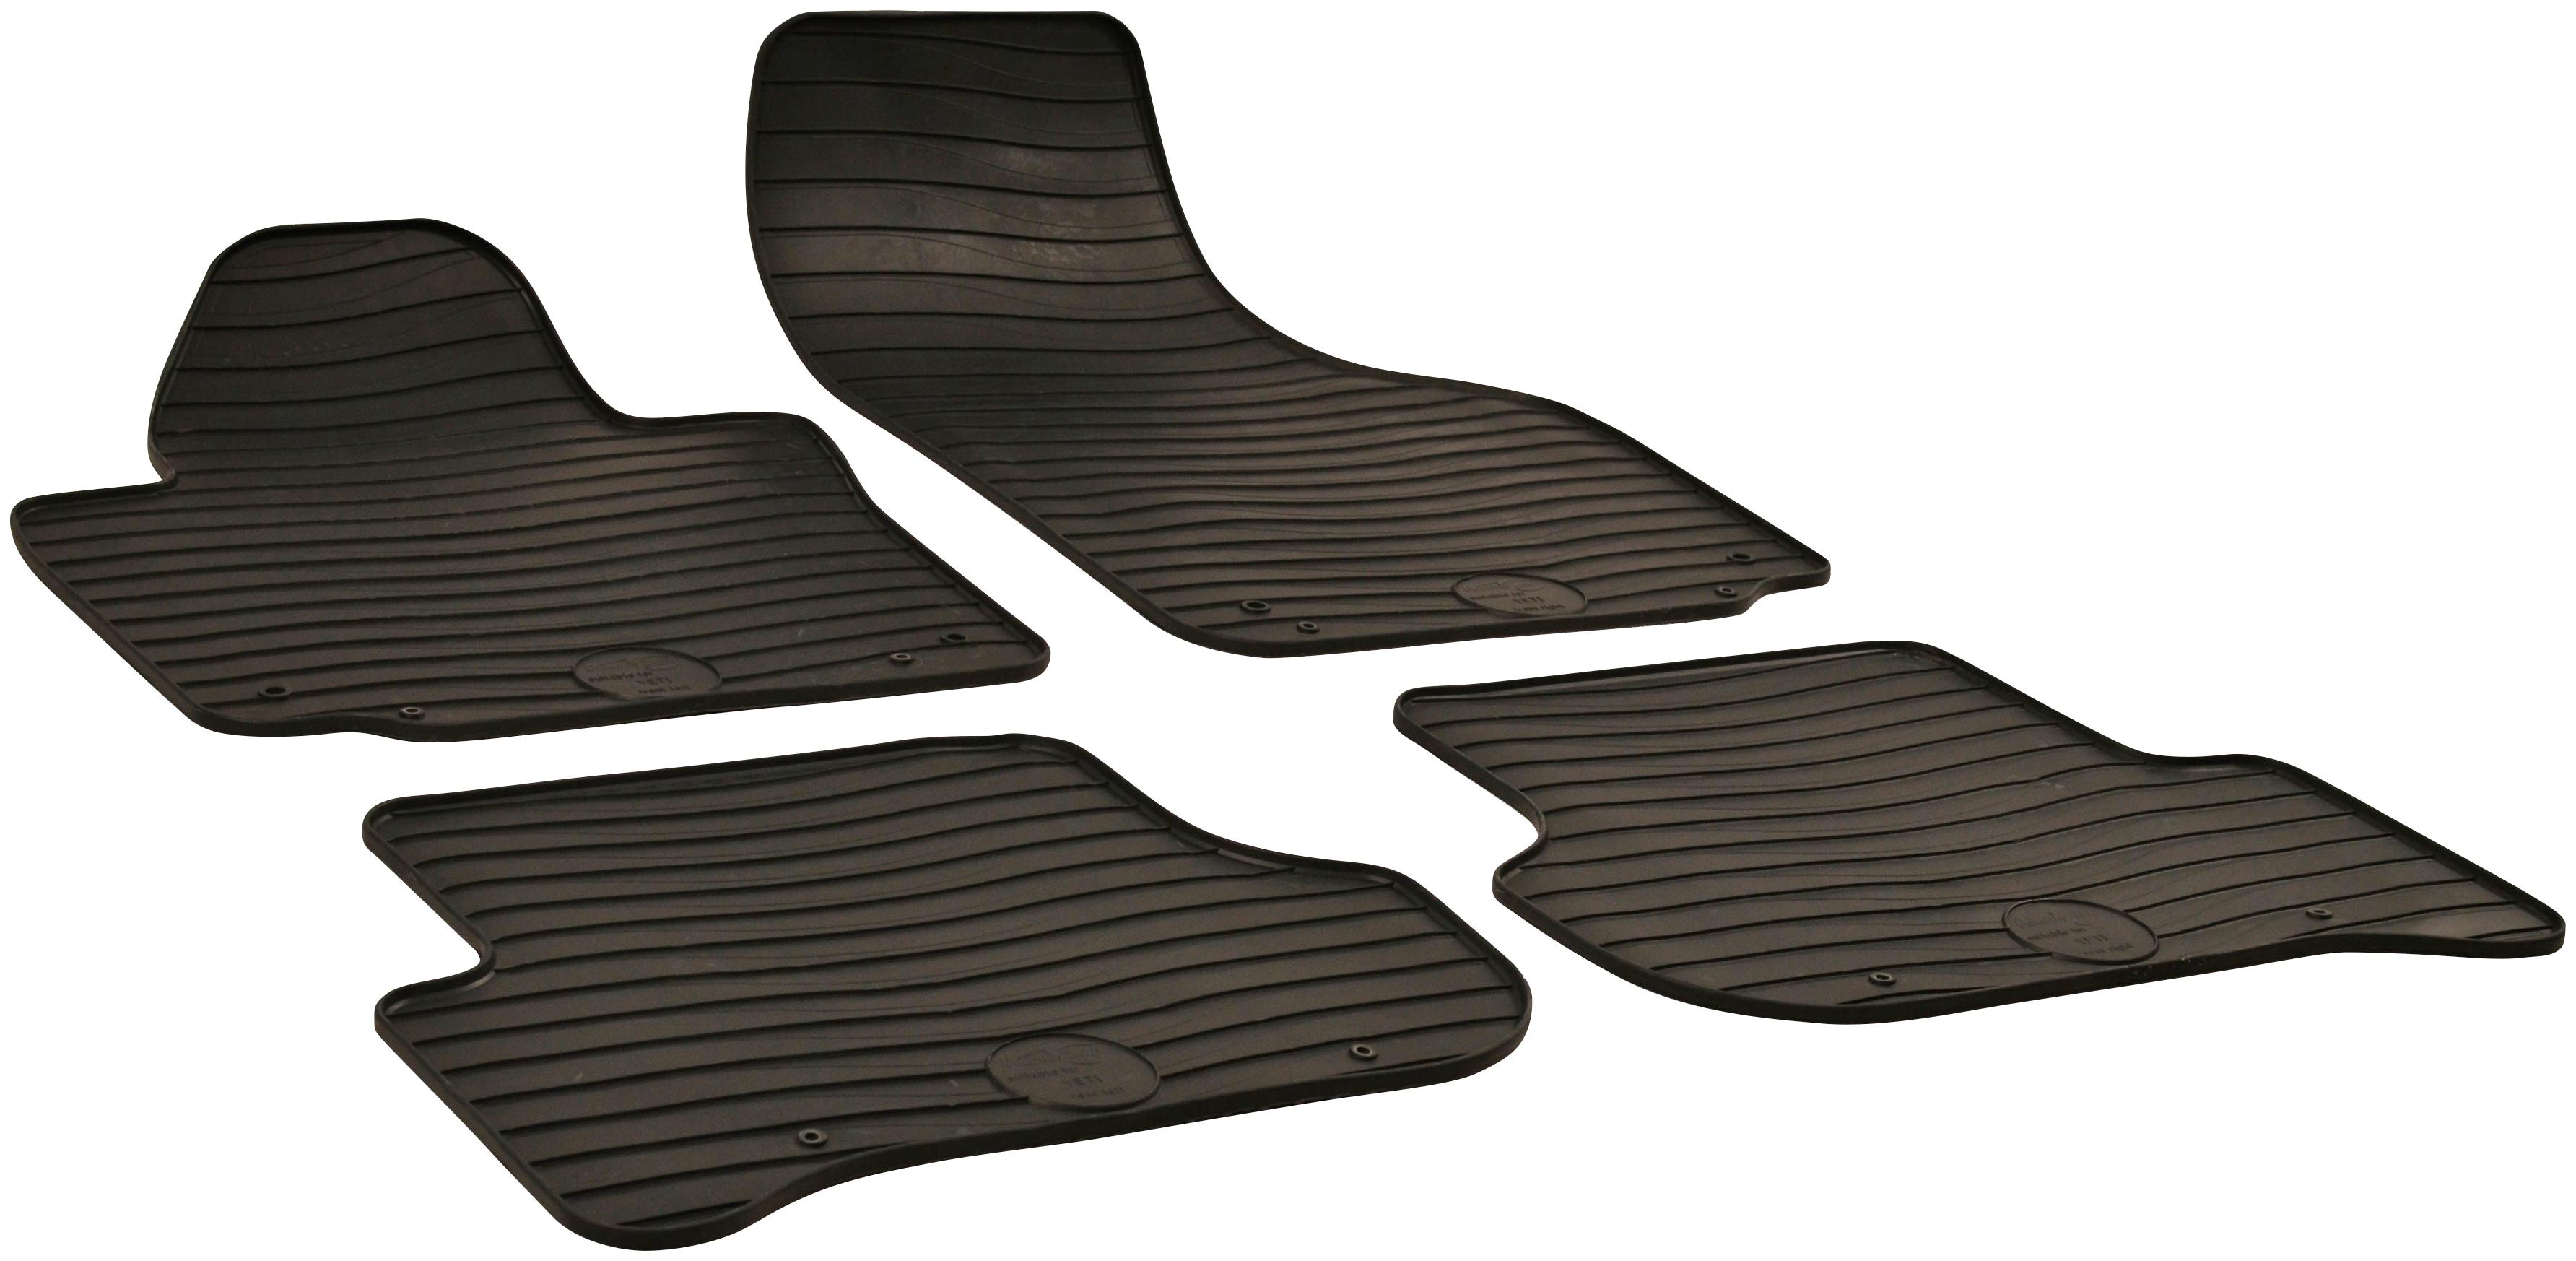 WALSER Passform-Fußmatten, Skoda, Yeti, Geländewagen, (4 St., 2 Vordermatten, Rückmatten), für Skoda Yeti BJ 2009 - heute schwarz Automatten Autozubehör Reifen Passform-Fußmatten